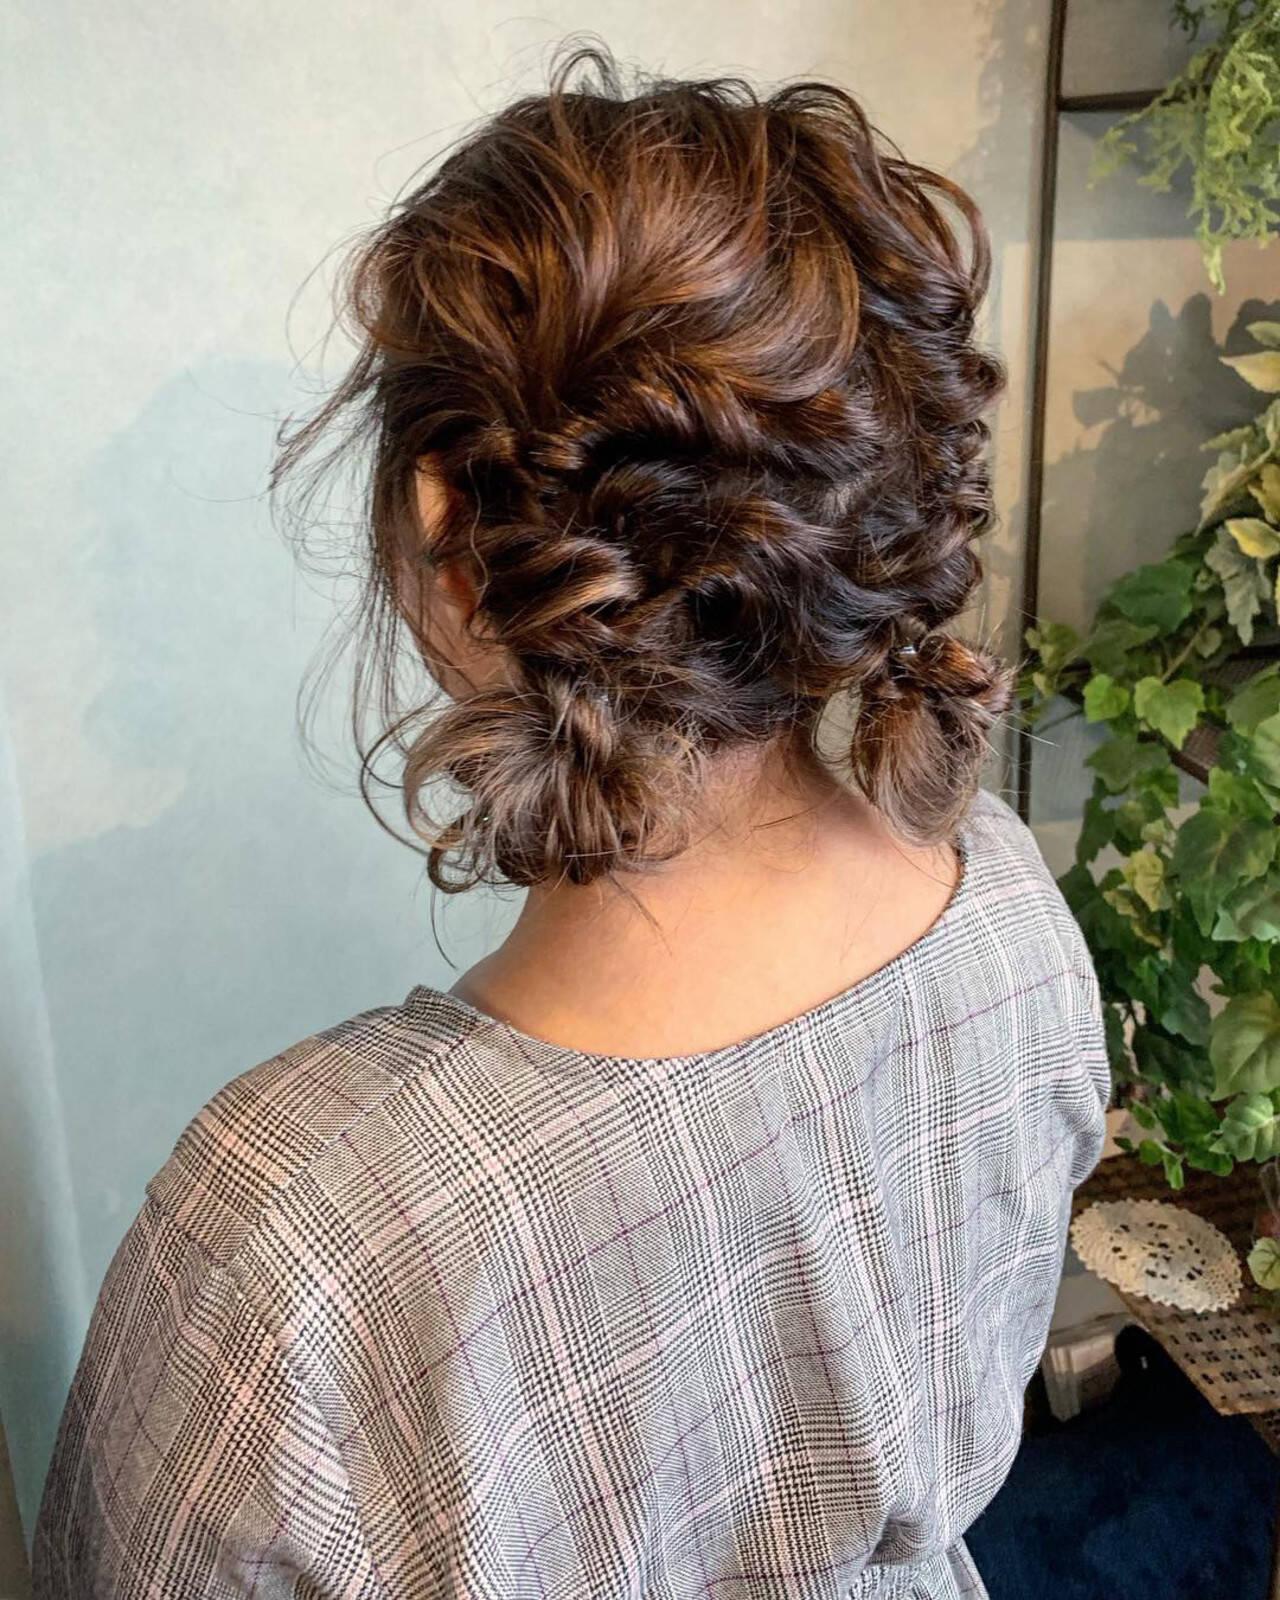 ヘアアレンジ ガーリー 簡単ヘアアレンジ ミディアムヘアスタイルや髪型の写真・画像